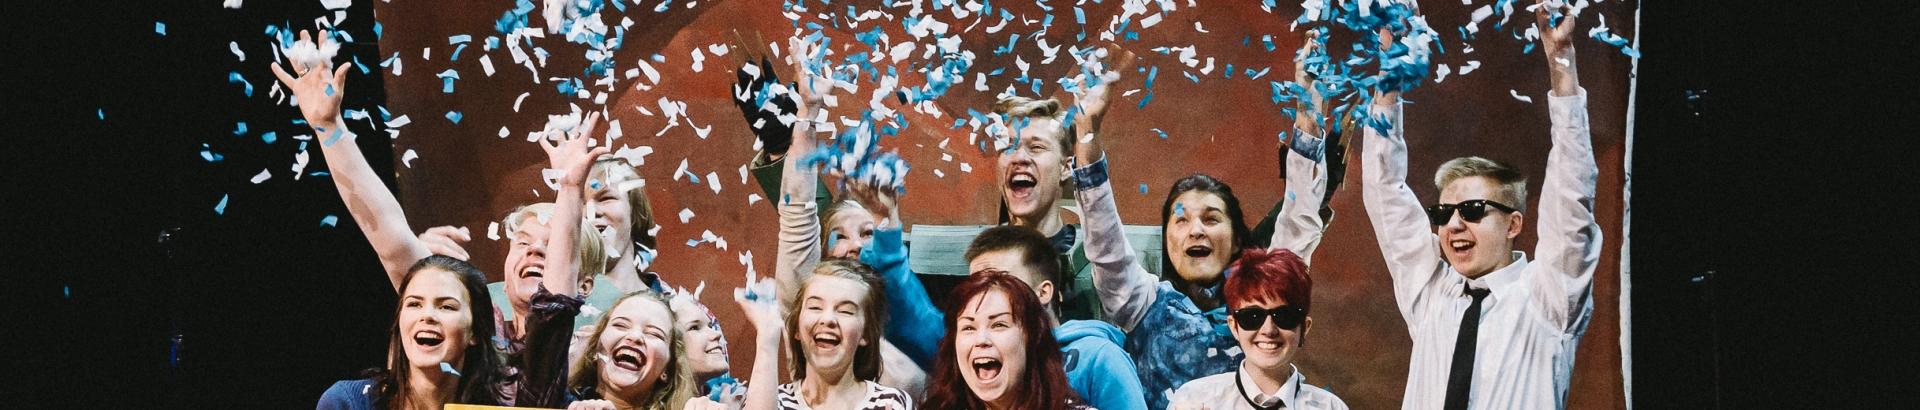 Ryhmä nuoria iloitsee kädet ilmassa.